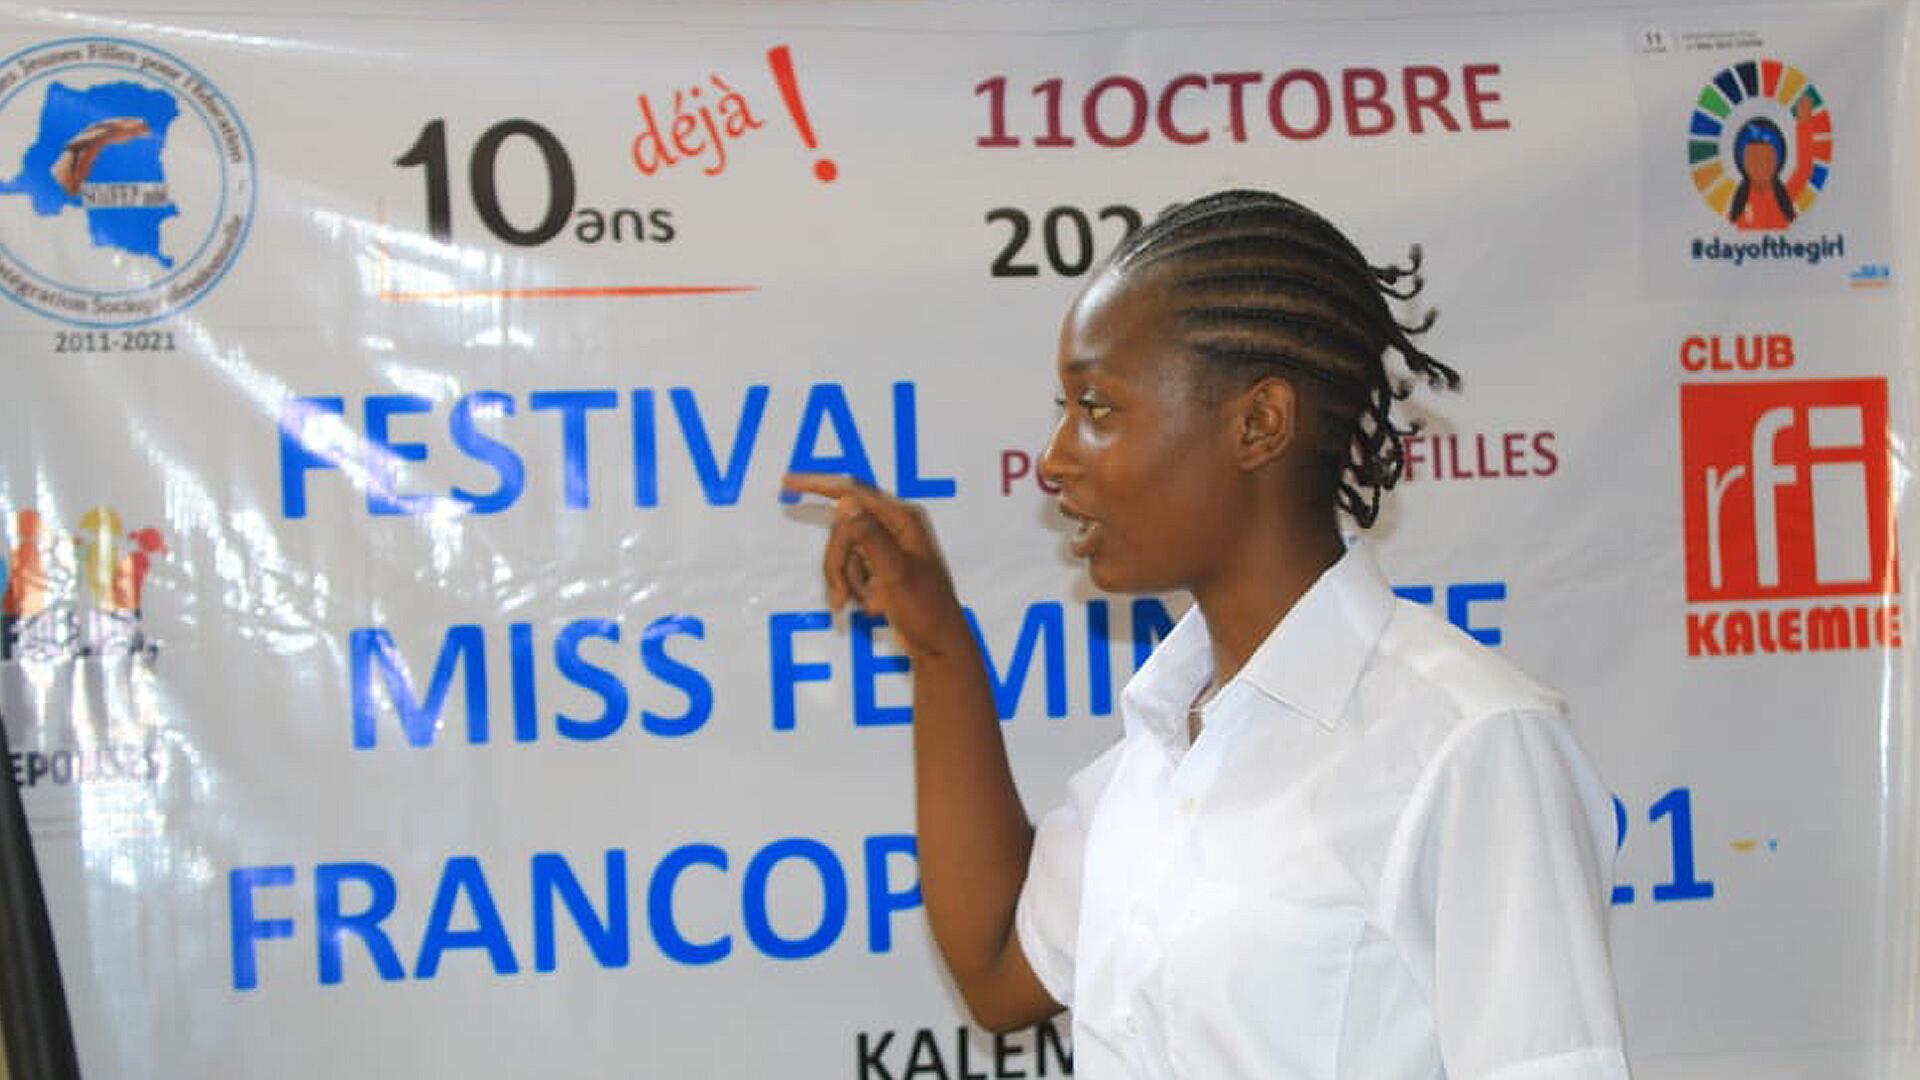 RDC - Club RFI Kalémie - 23 octobre 2021